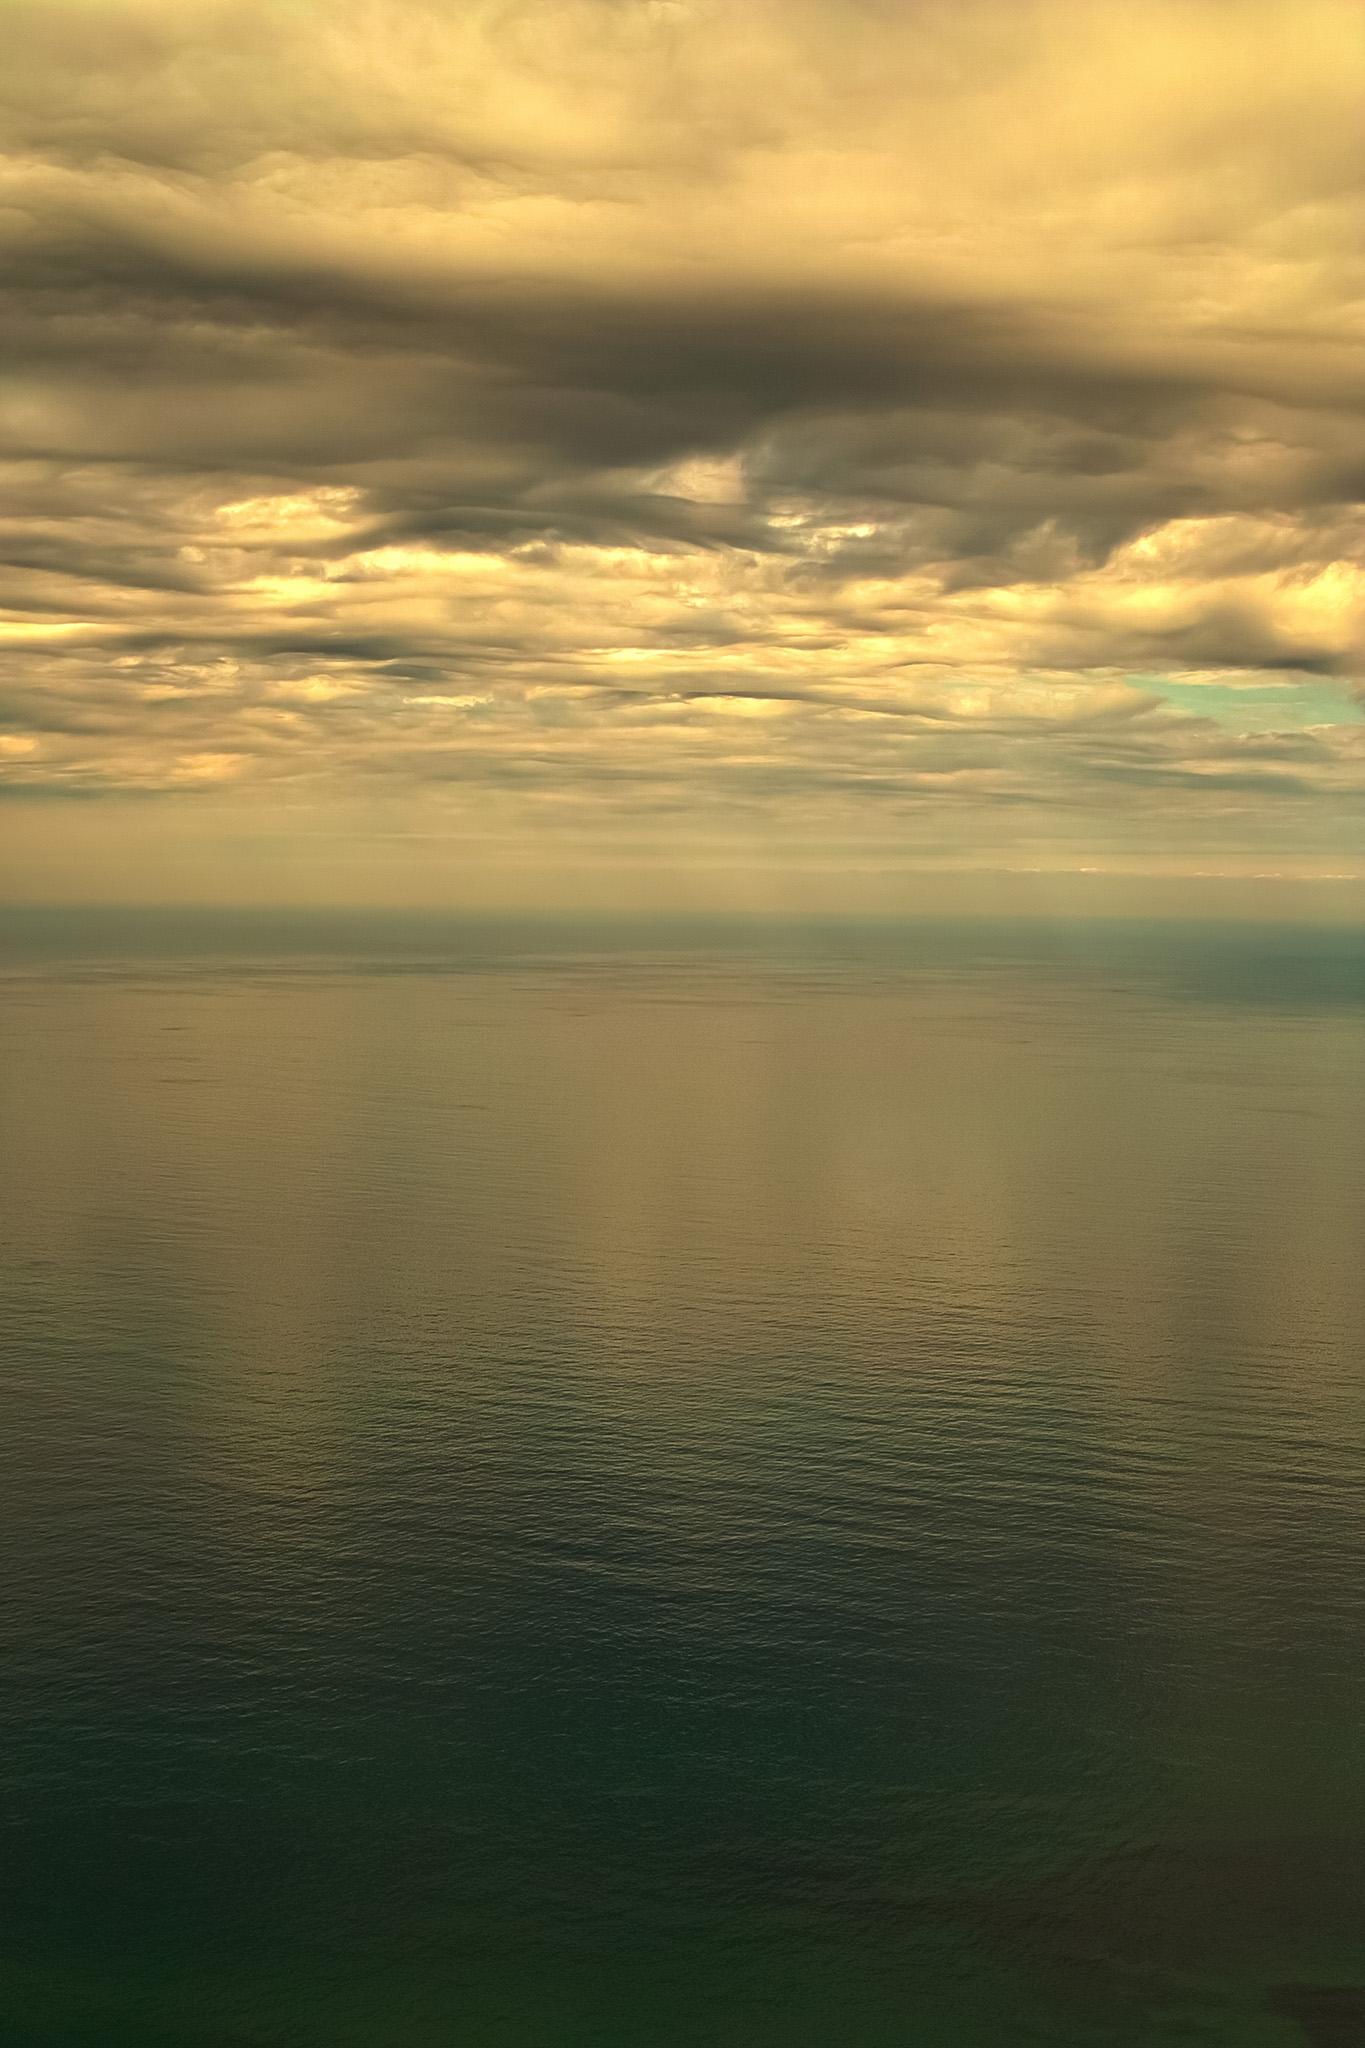 「黄金色の雲を写す穏やかな海」